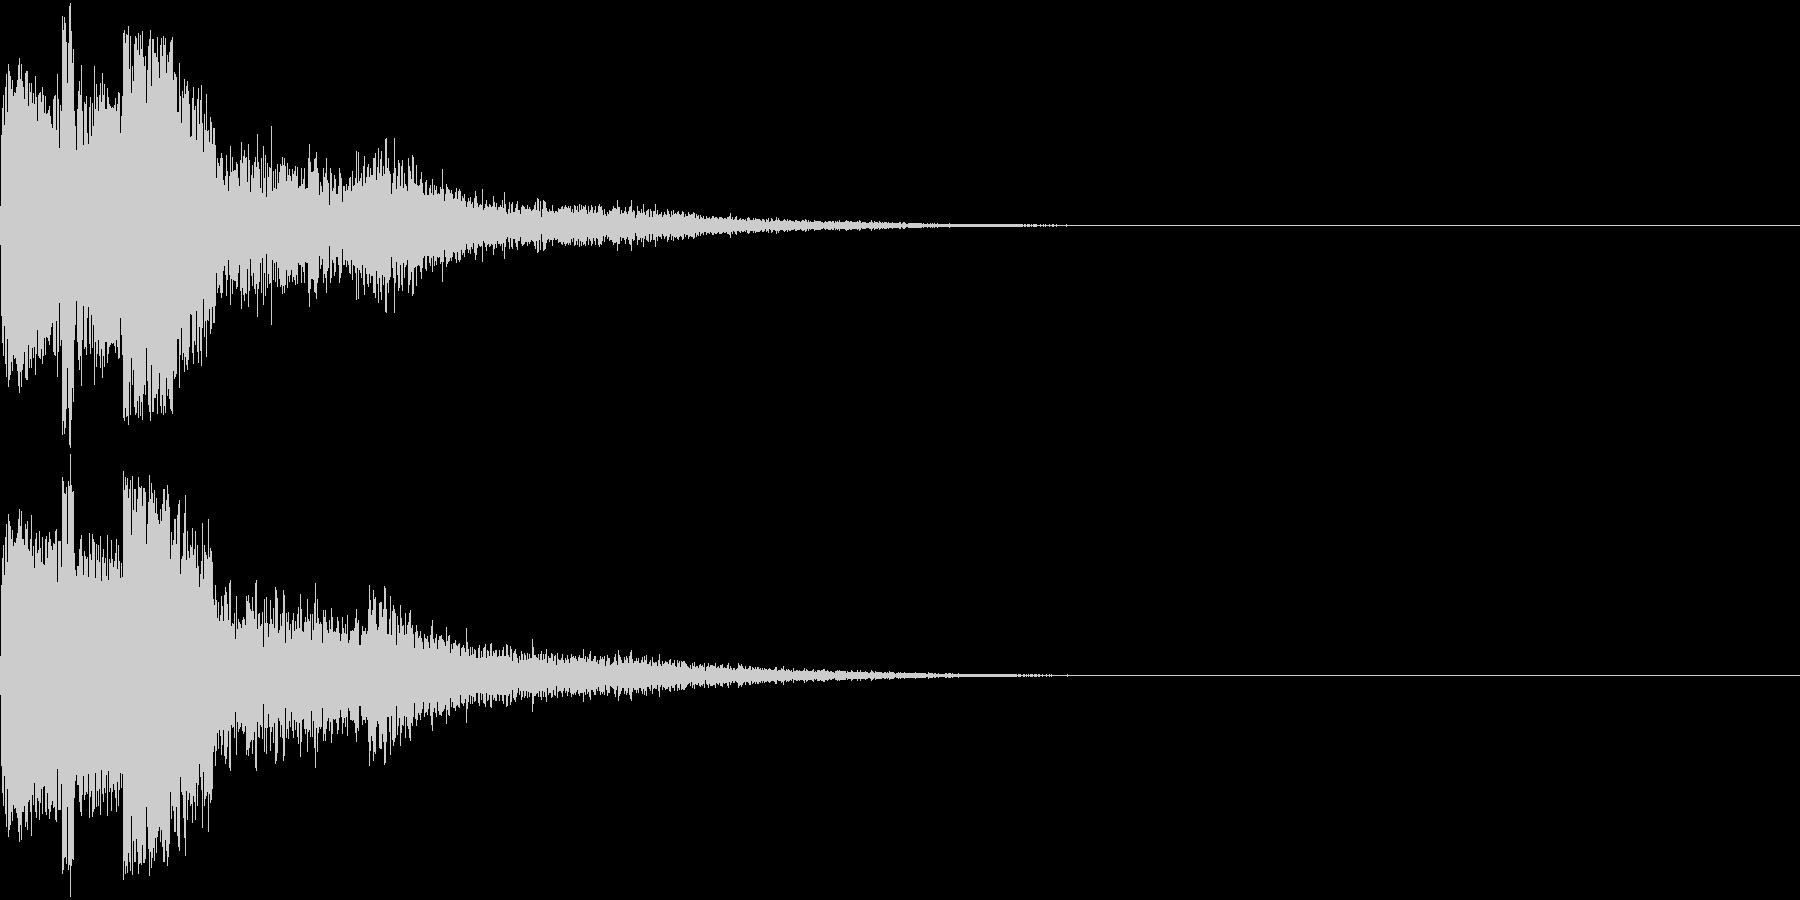 ピコン ピコ チャリン キュイン 3の未再生の波形